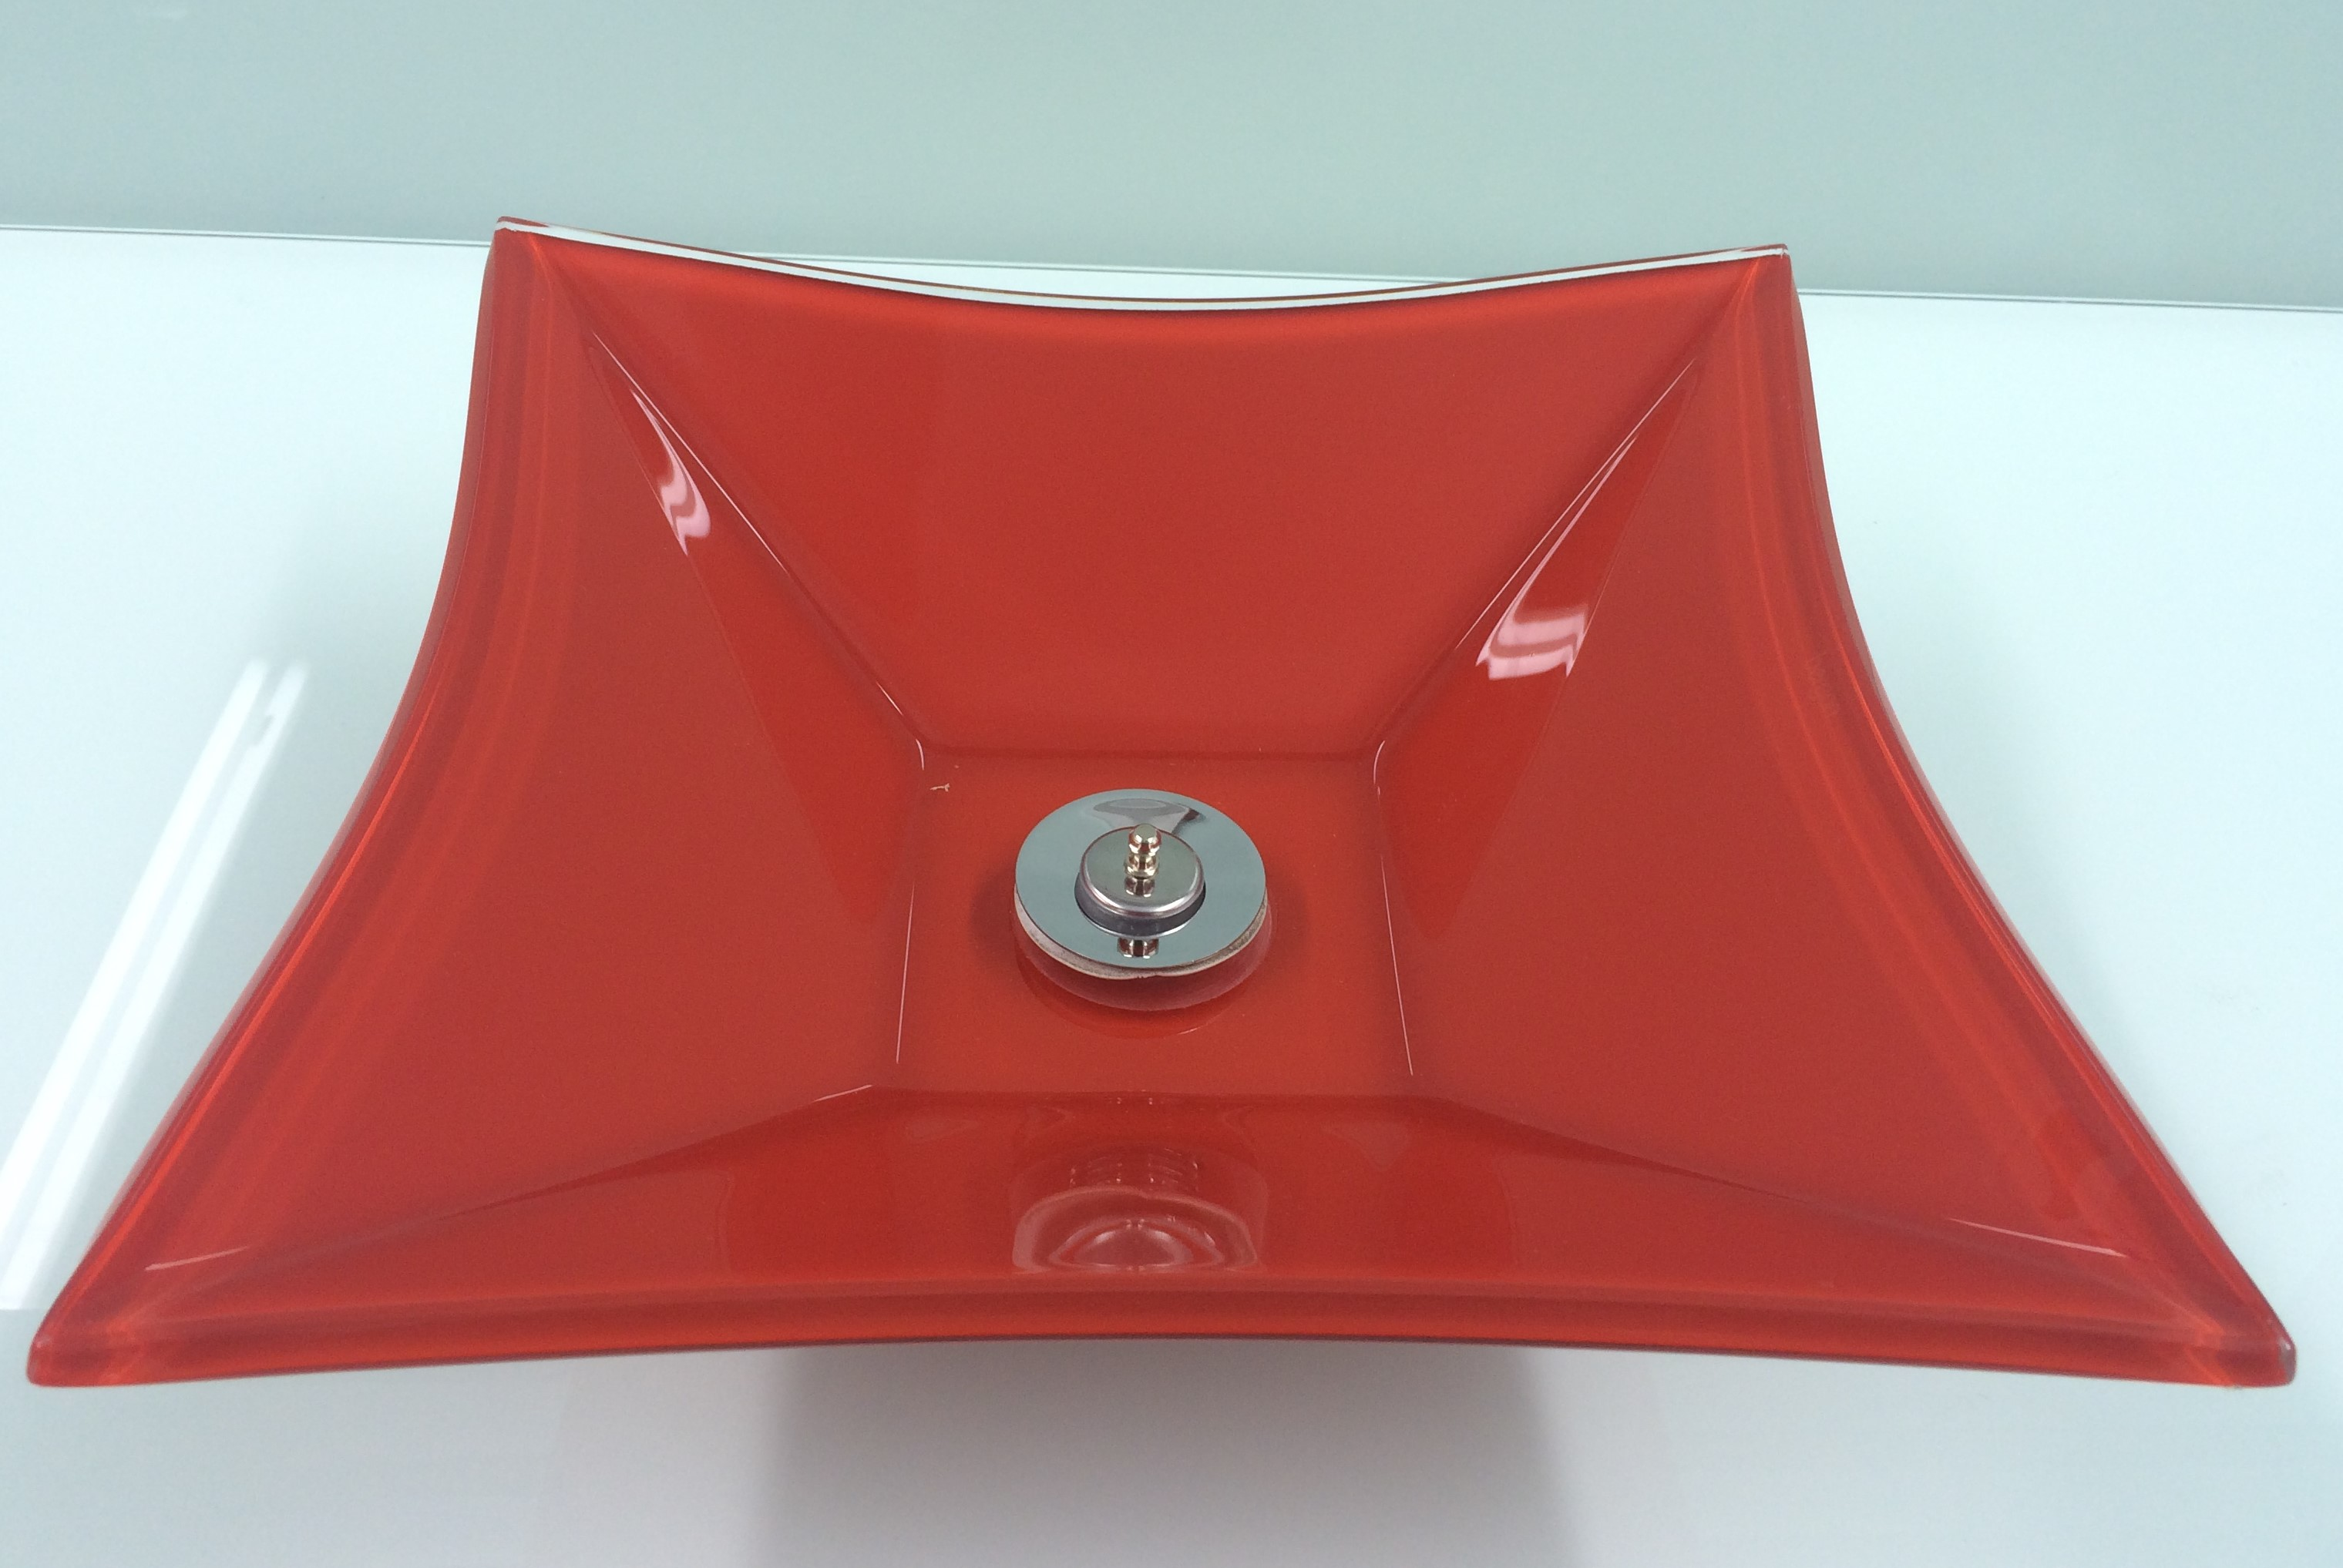 Cuba de Vidro Bergan - Sulle 41 x 31,5 cm 10 mm +V Vermelho